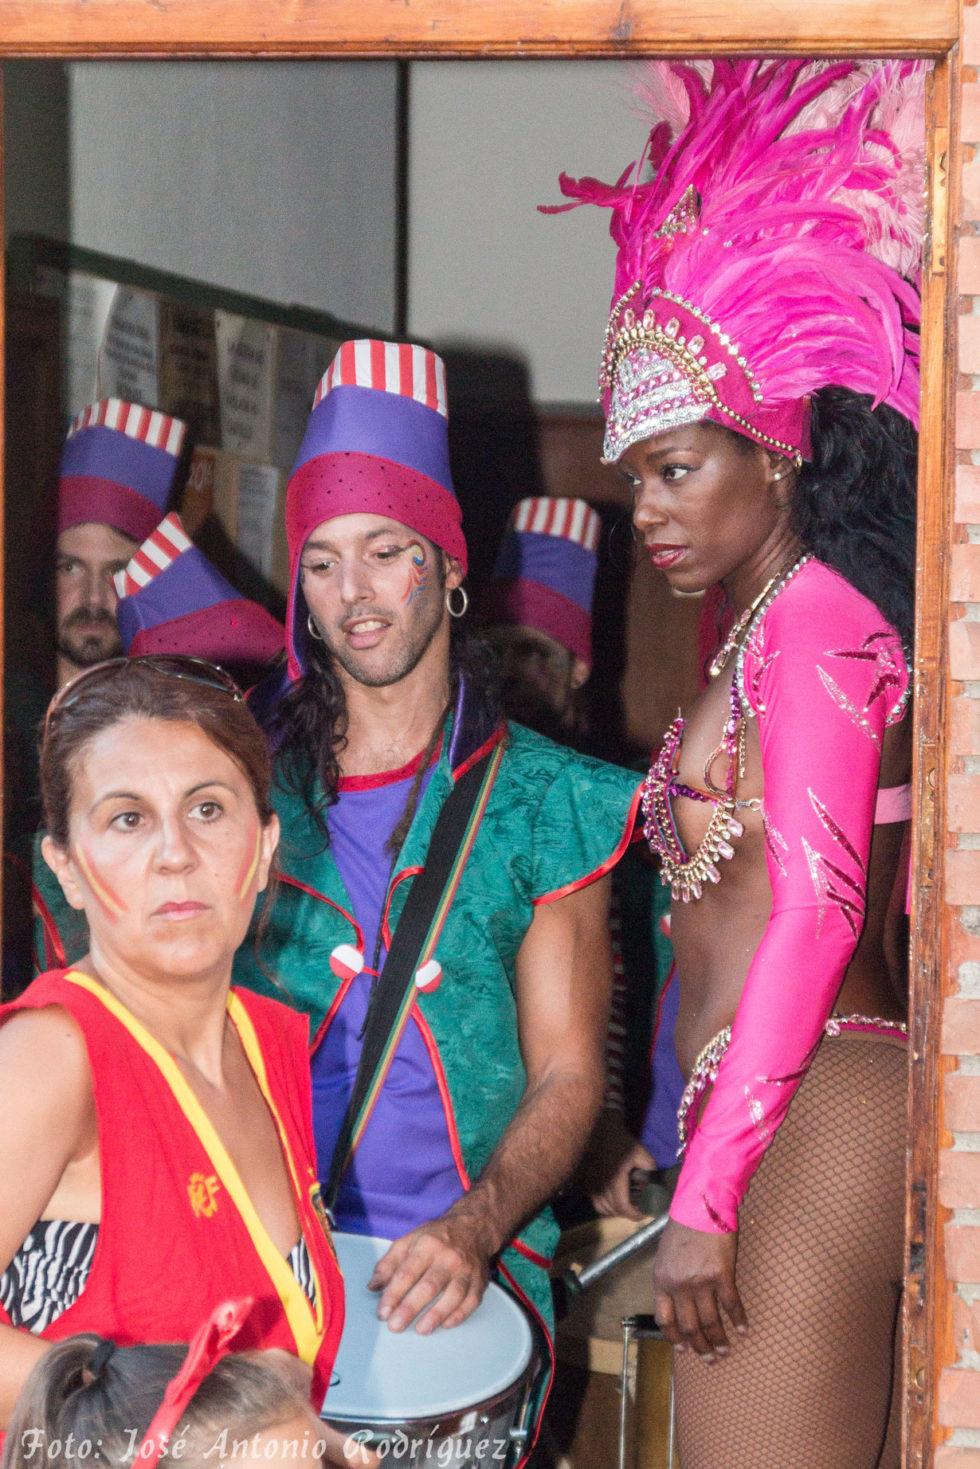 carnaval-de-verano_20062947978_o